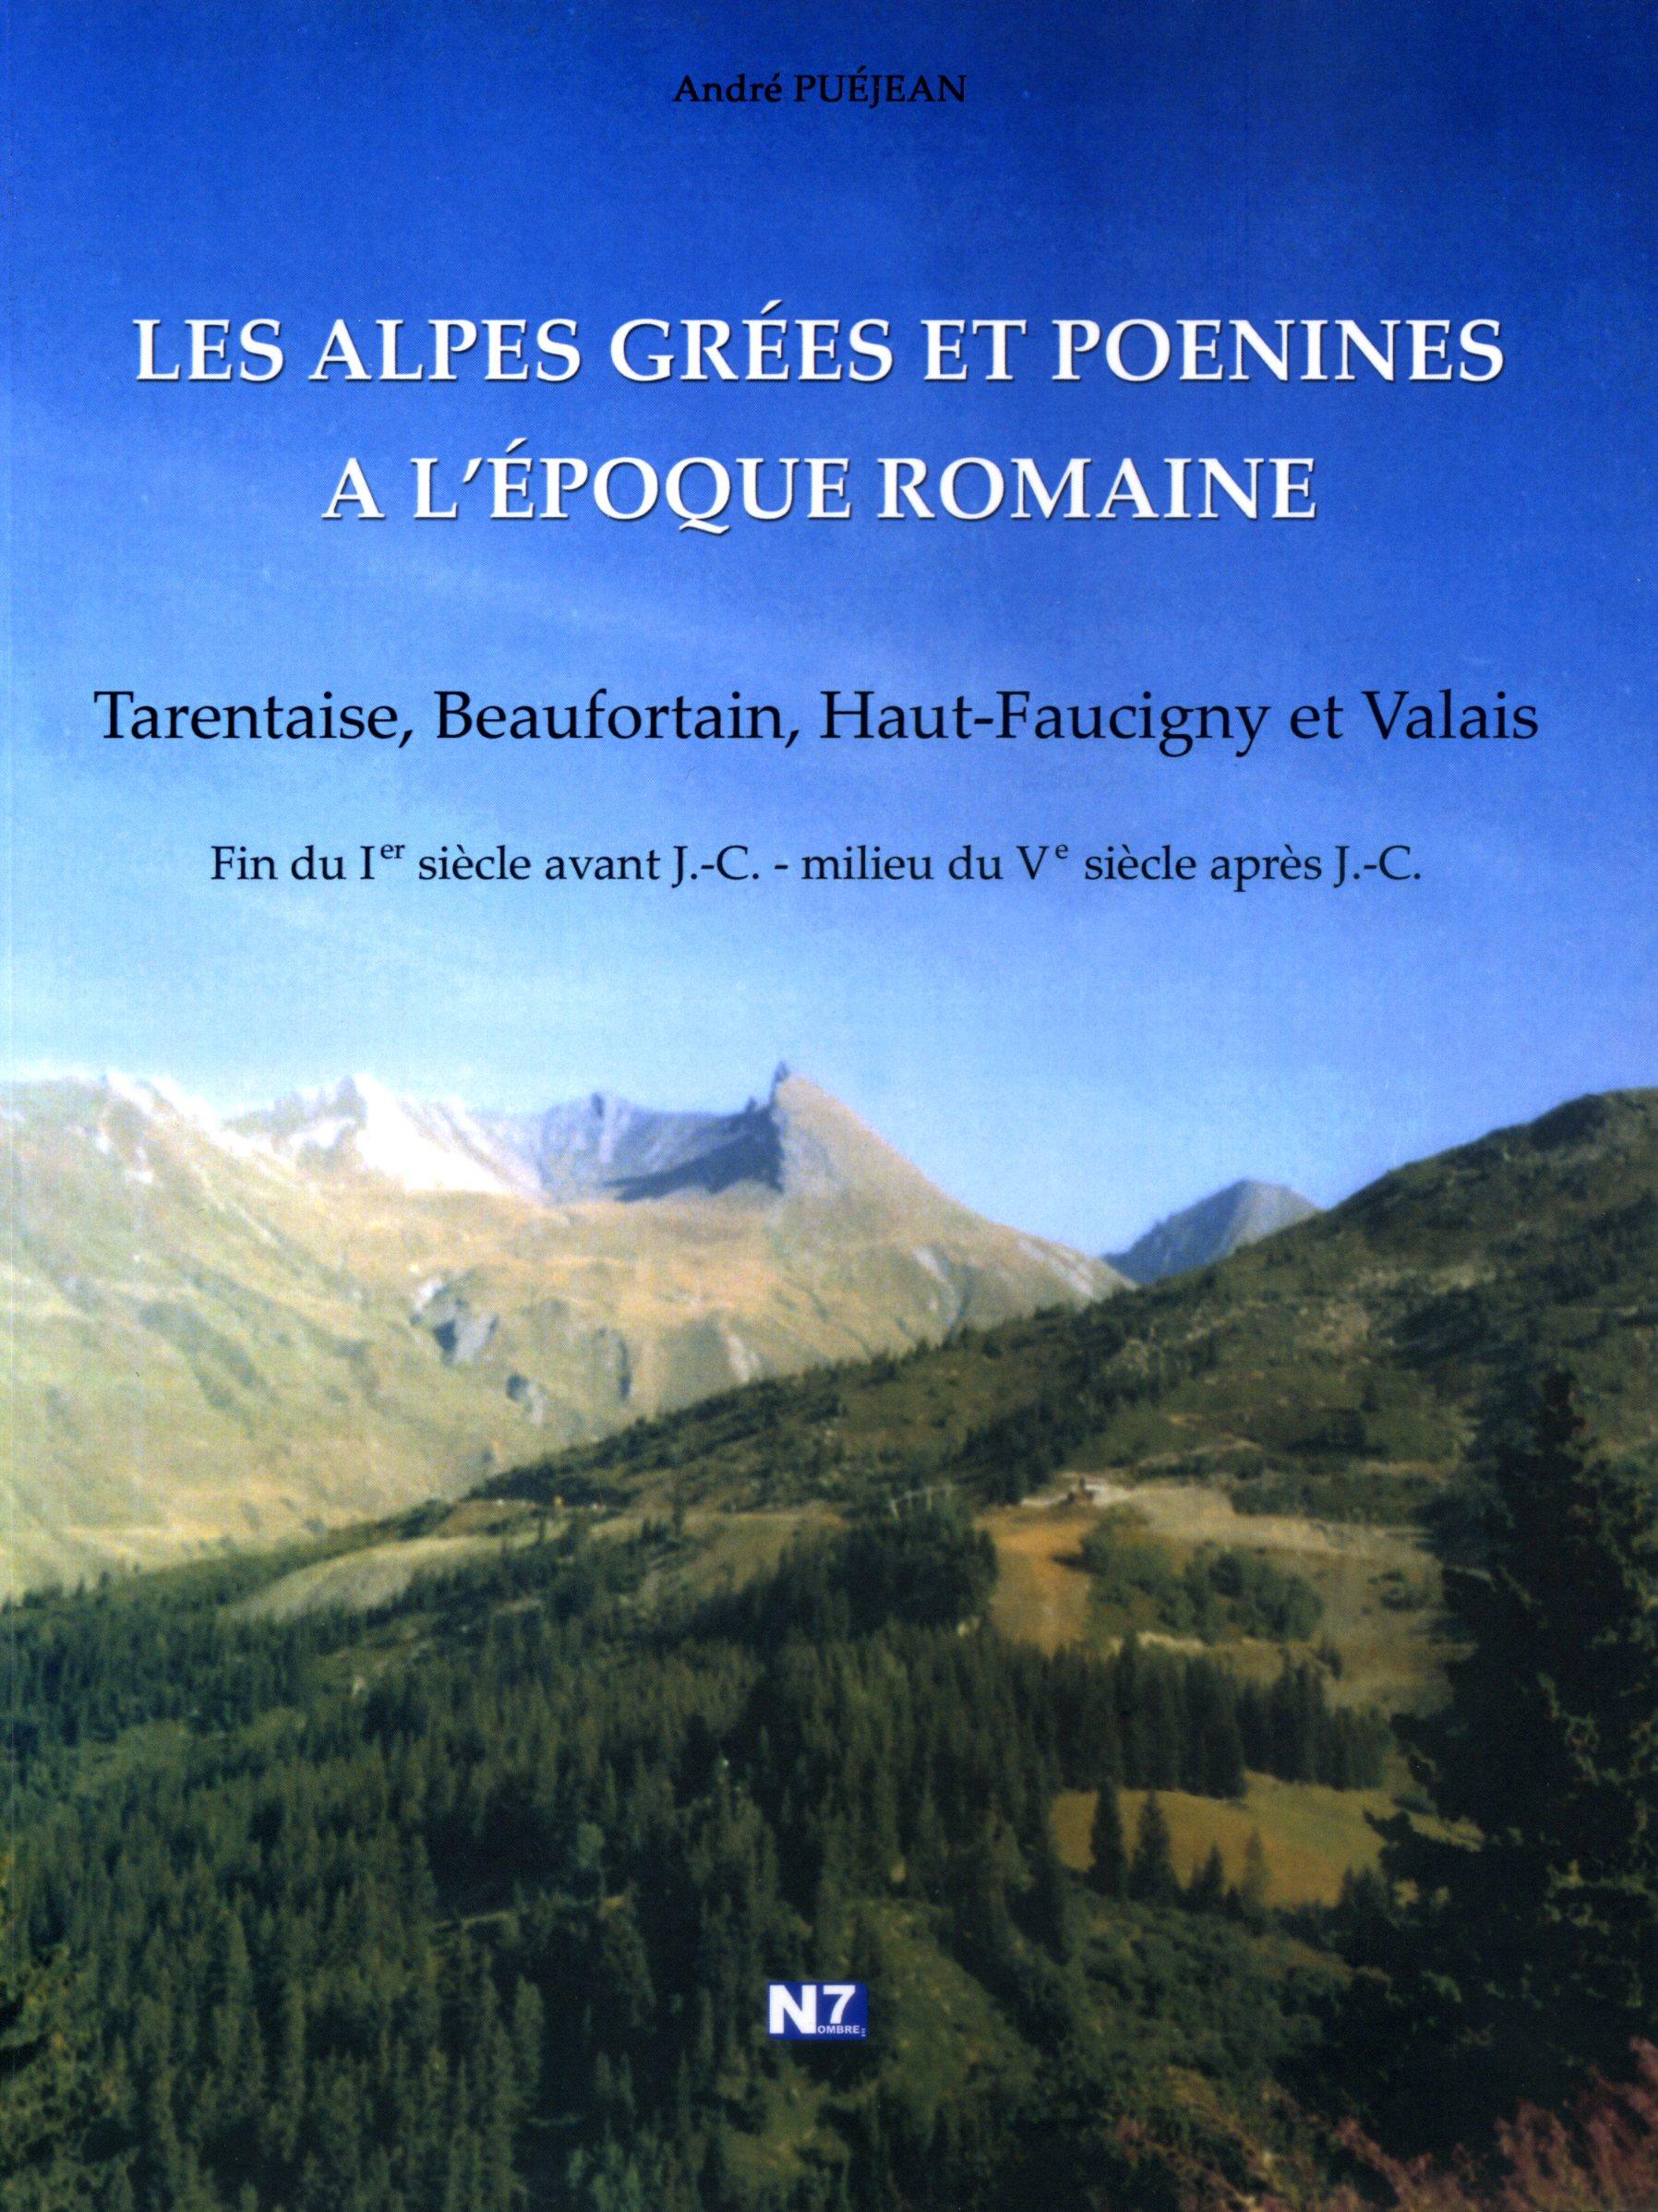 alpes-grees-et-poenines-andre-puejean.jpg